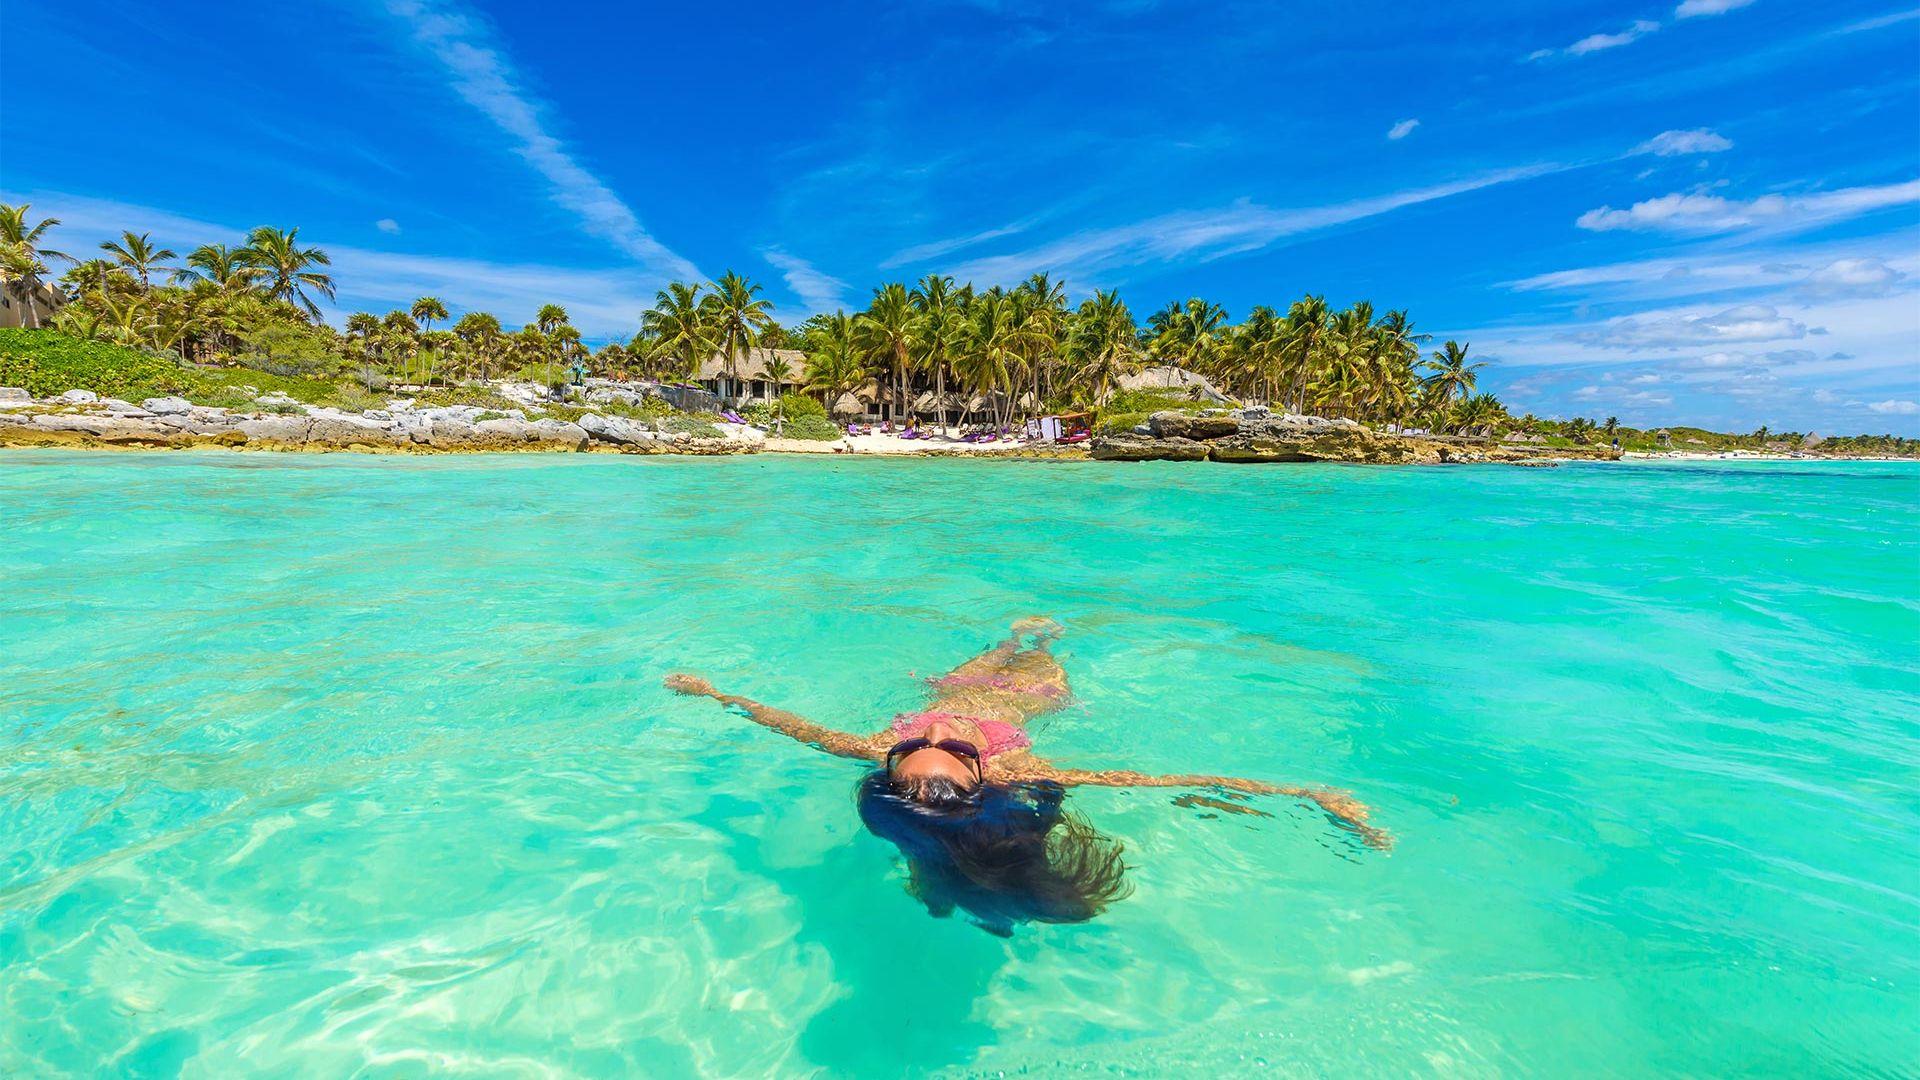 Sejur plaja Riviera Maya, Mexic, 9 zile - martie 2022